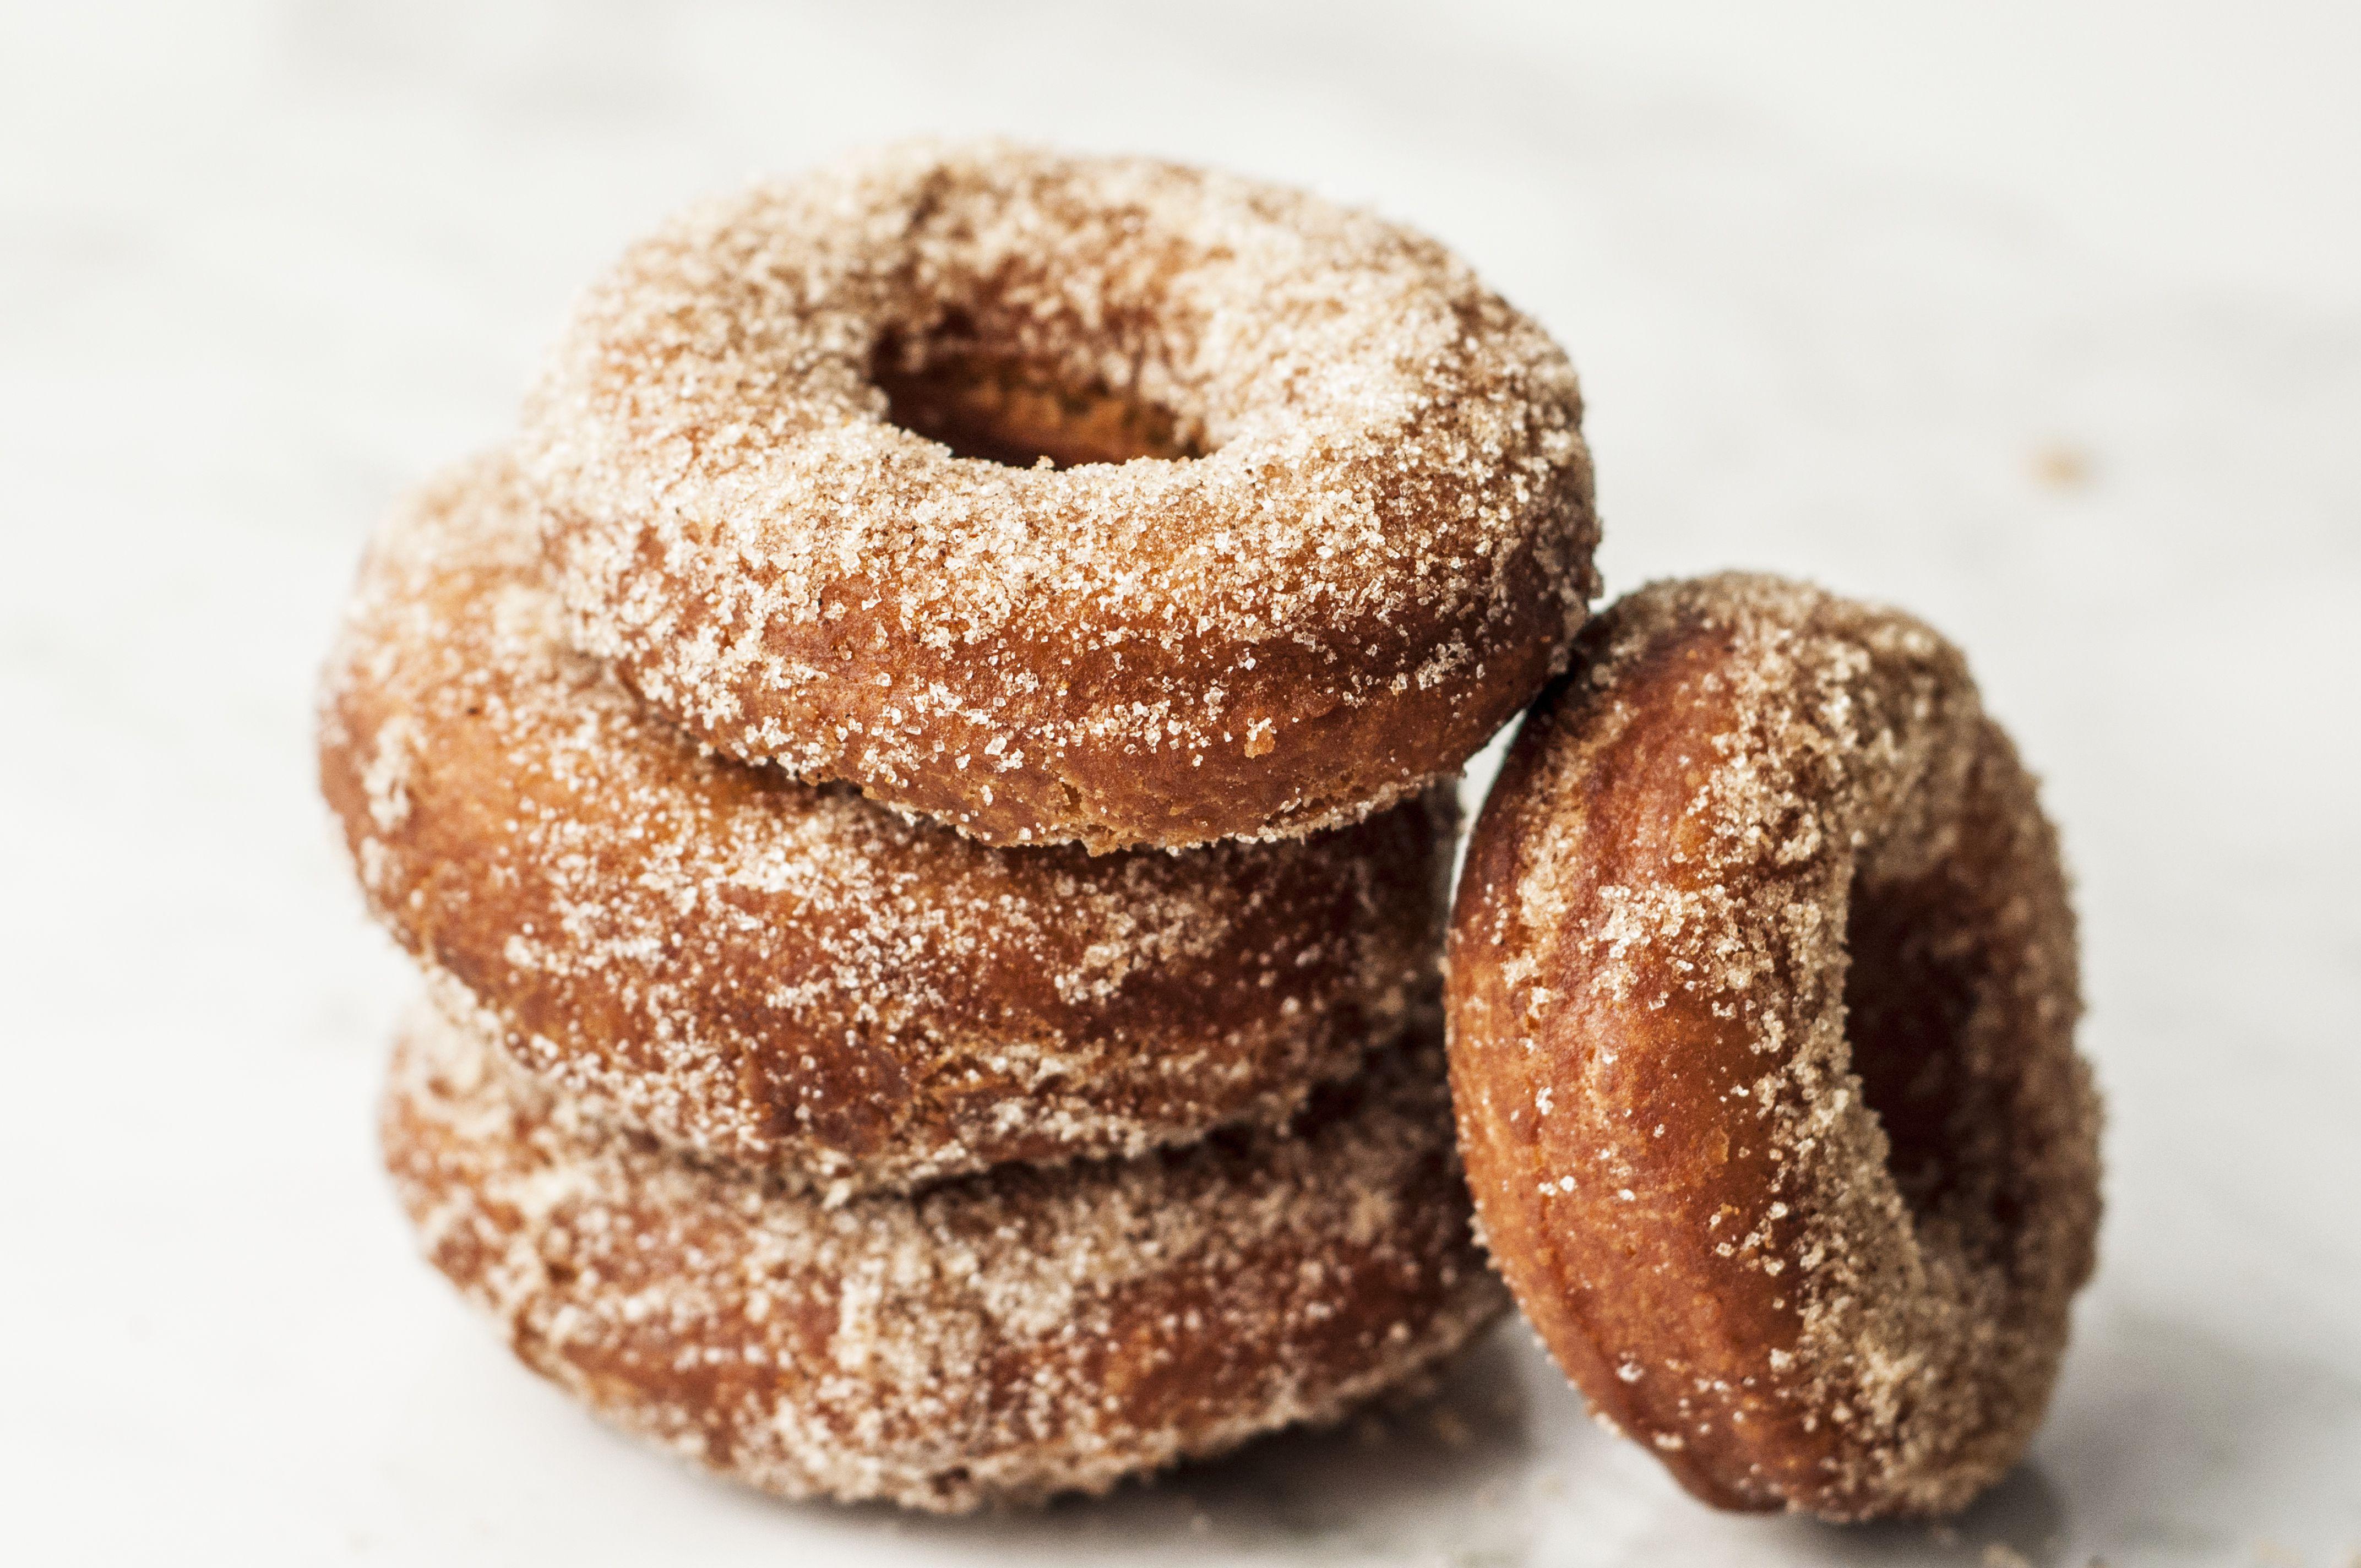 Homemade Plain Cake Doughnuts